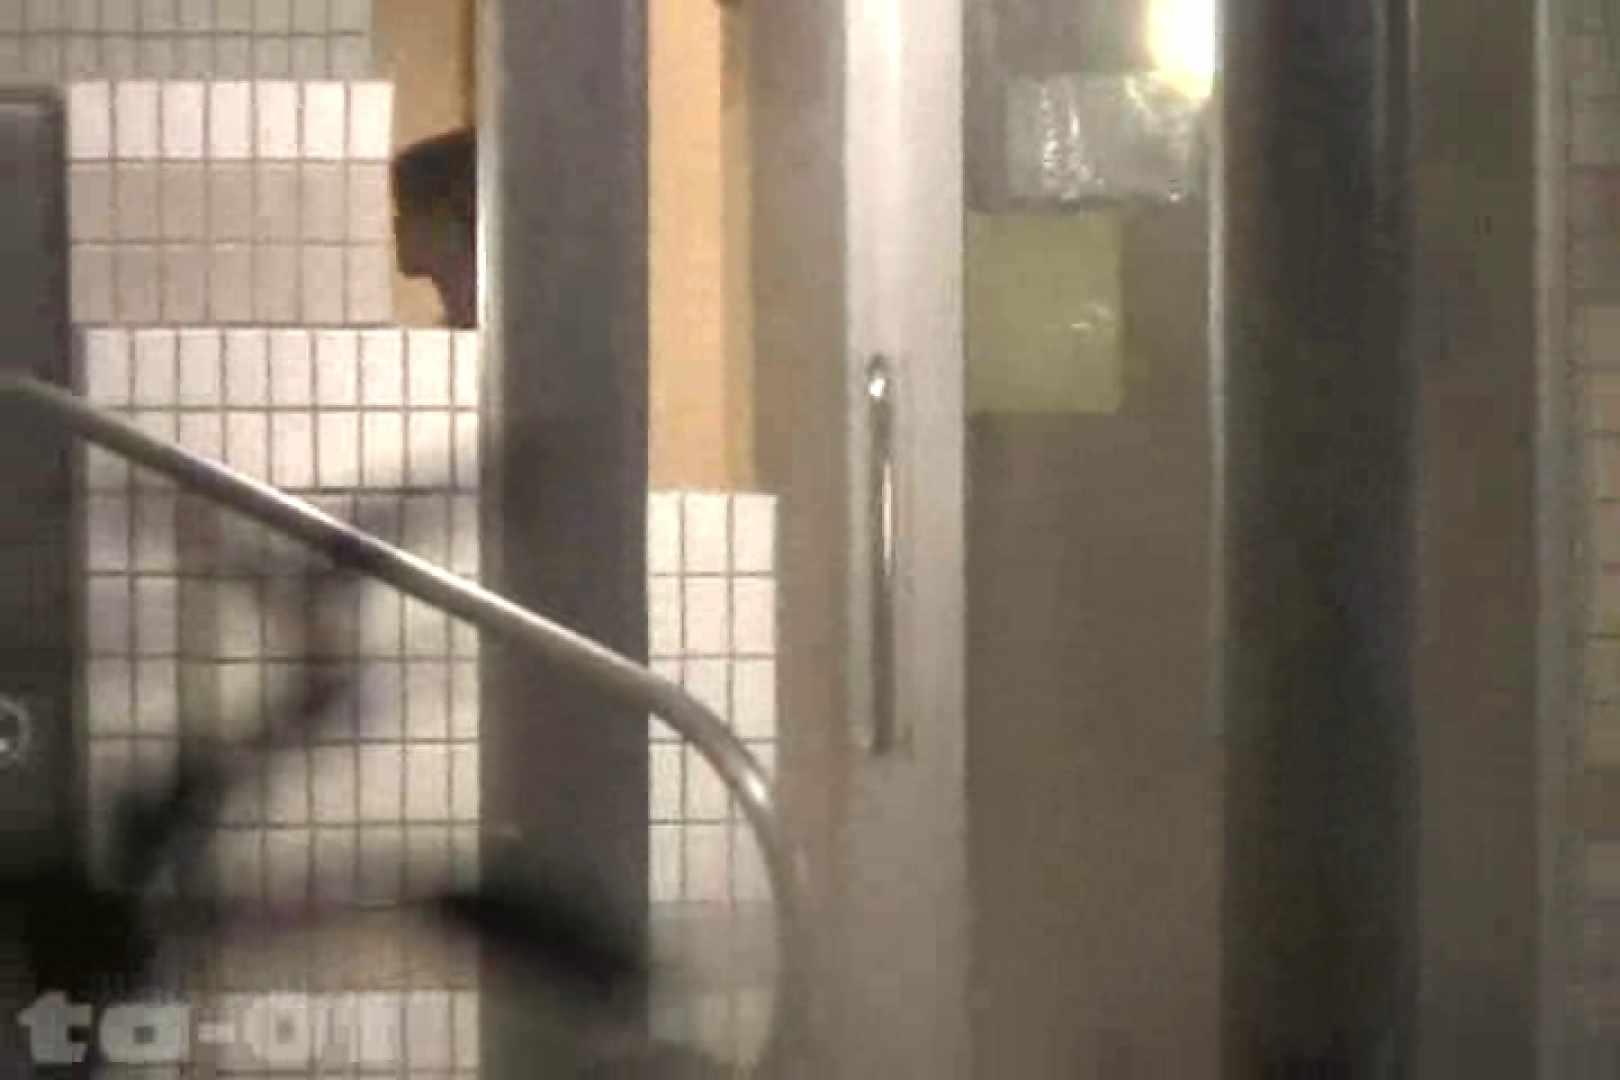 合宿ホテル女風呂盗撮高画質版 Vol.01 高画質 盗み撮り動画キャプチャ 98pic 92